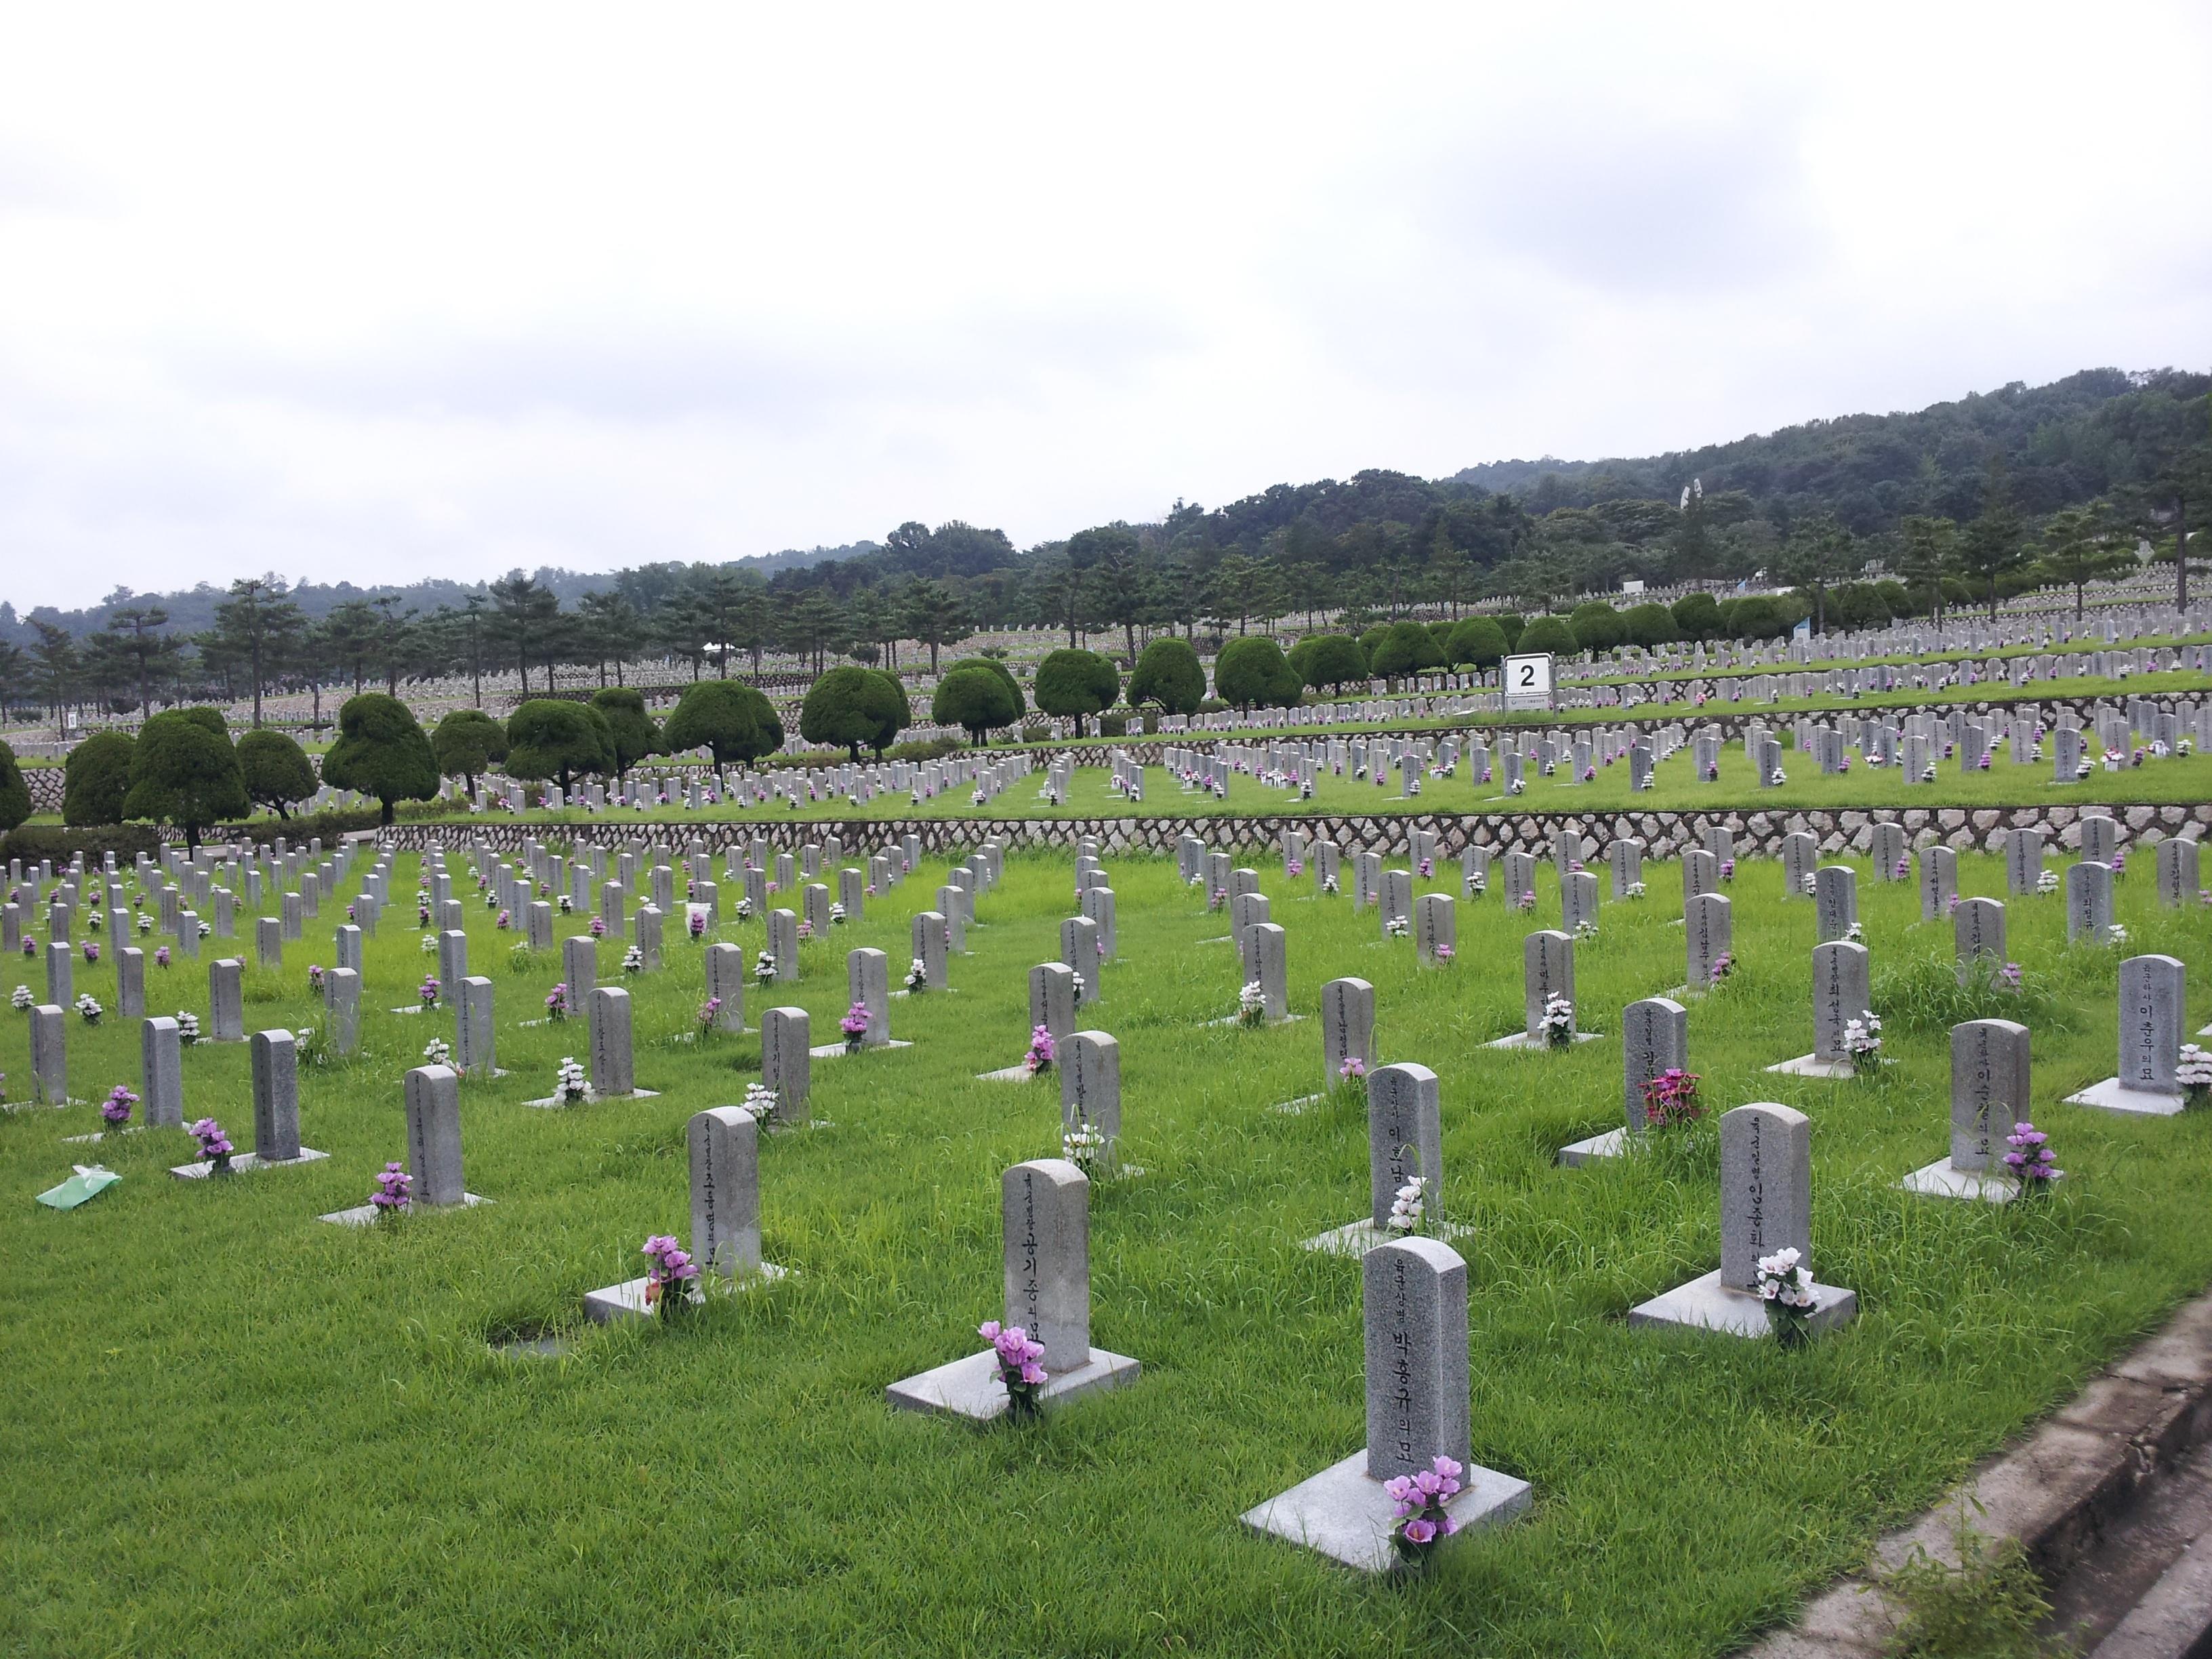 cánh đồng Nghĩa trang n: Xứng đáng Nghĩa trang quốc gia đặc điểm địa lý